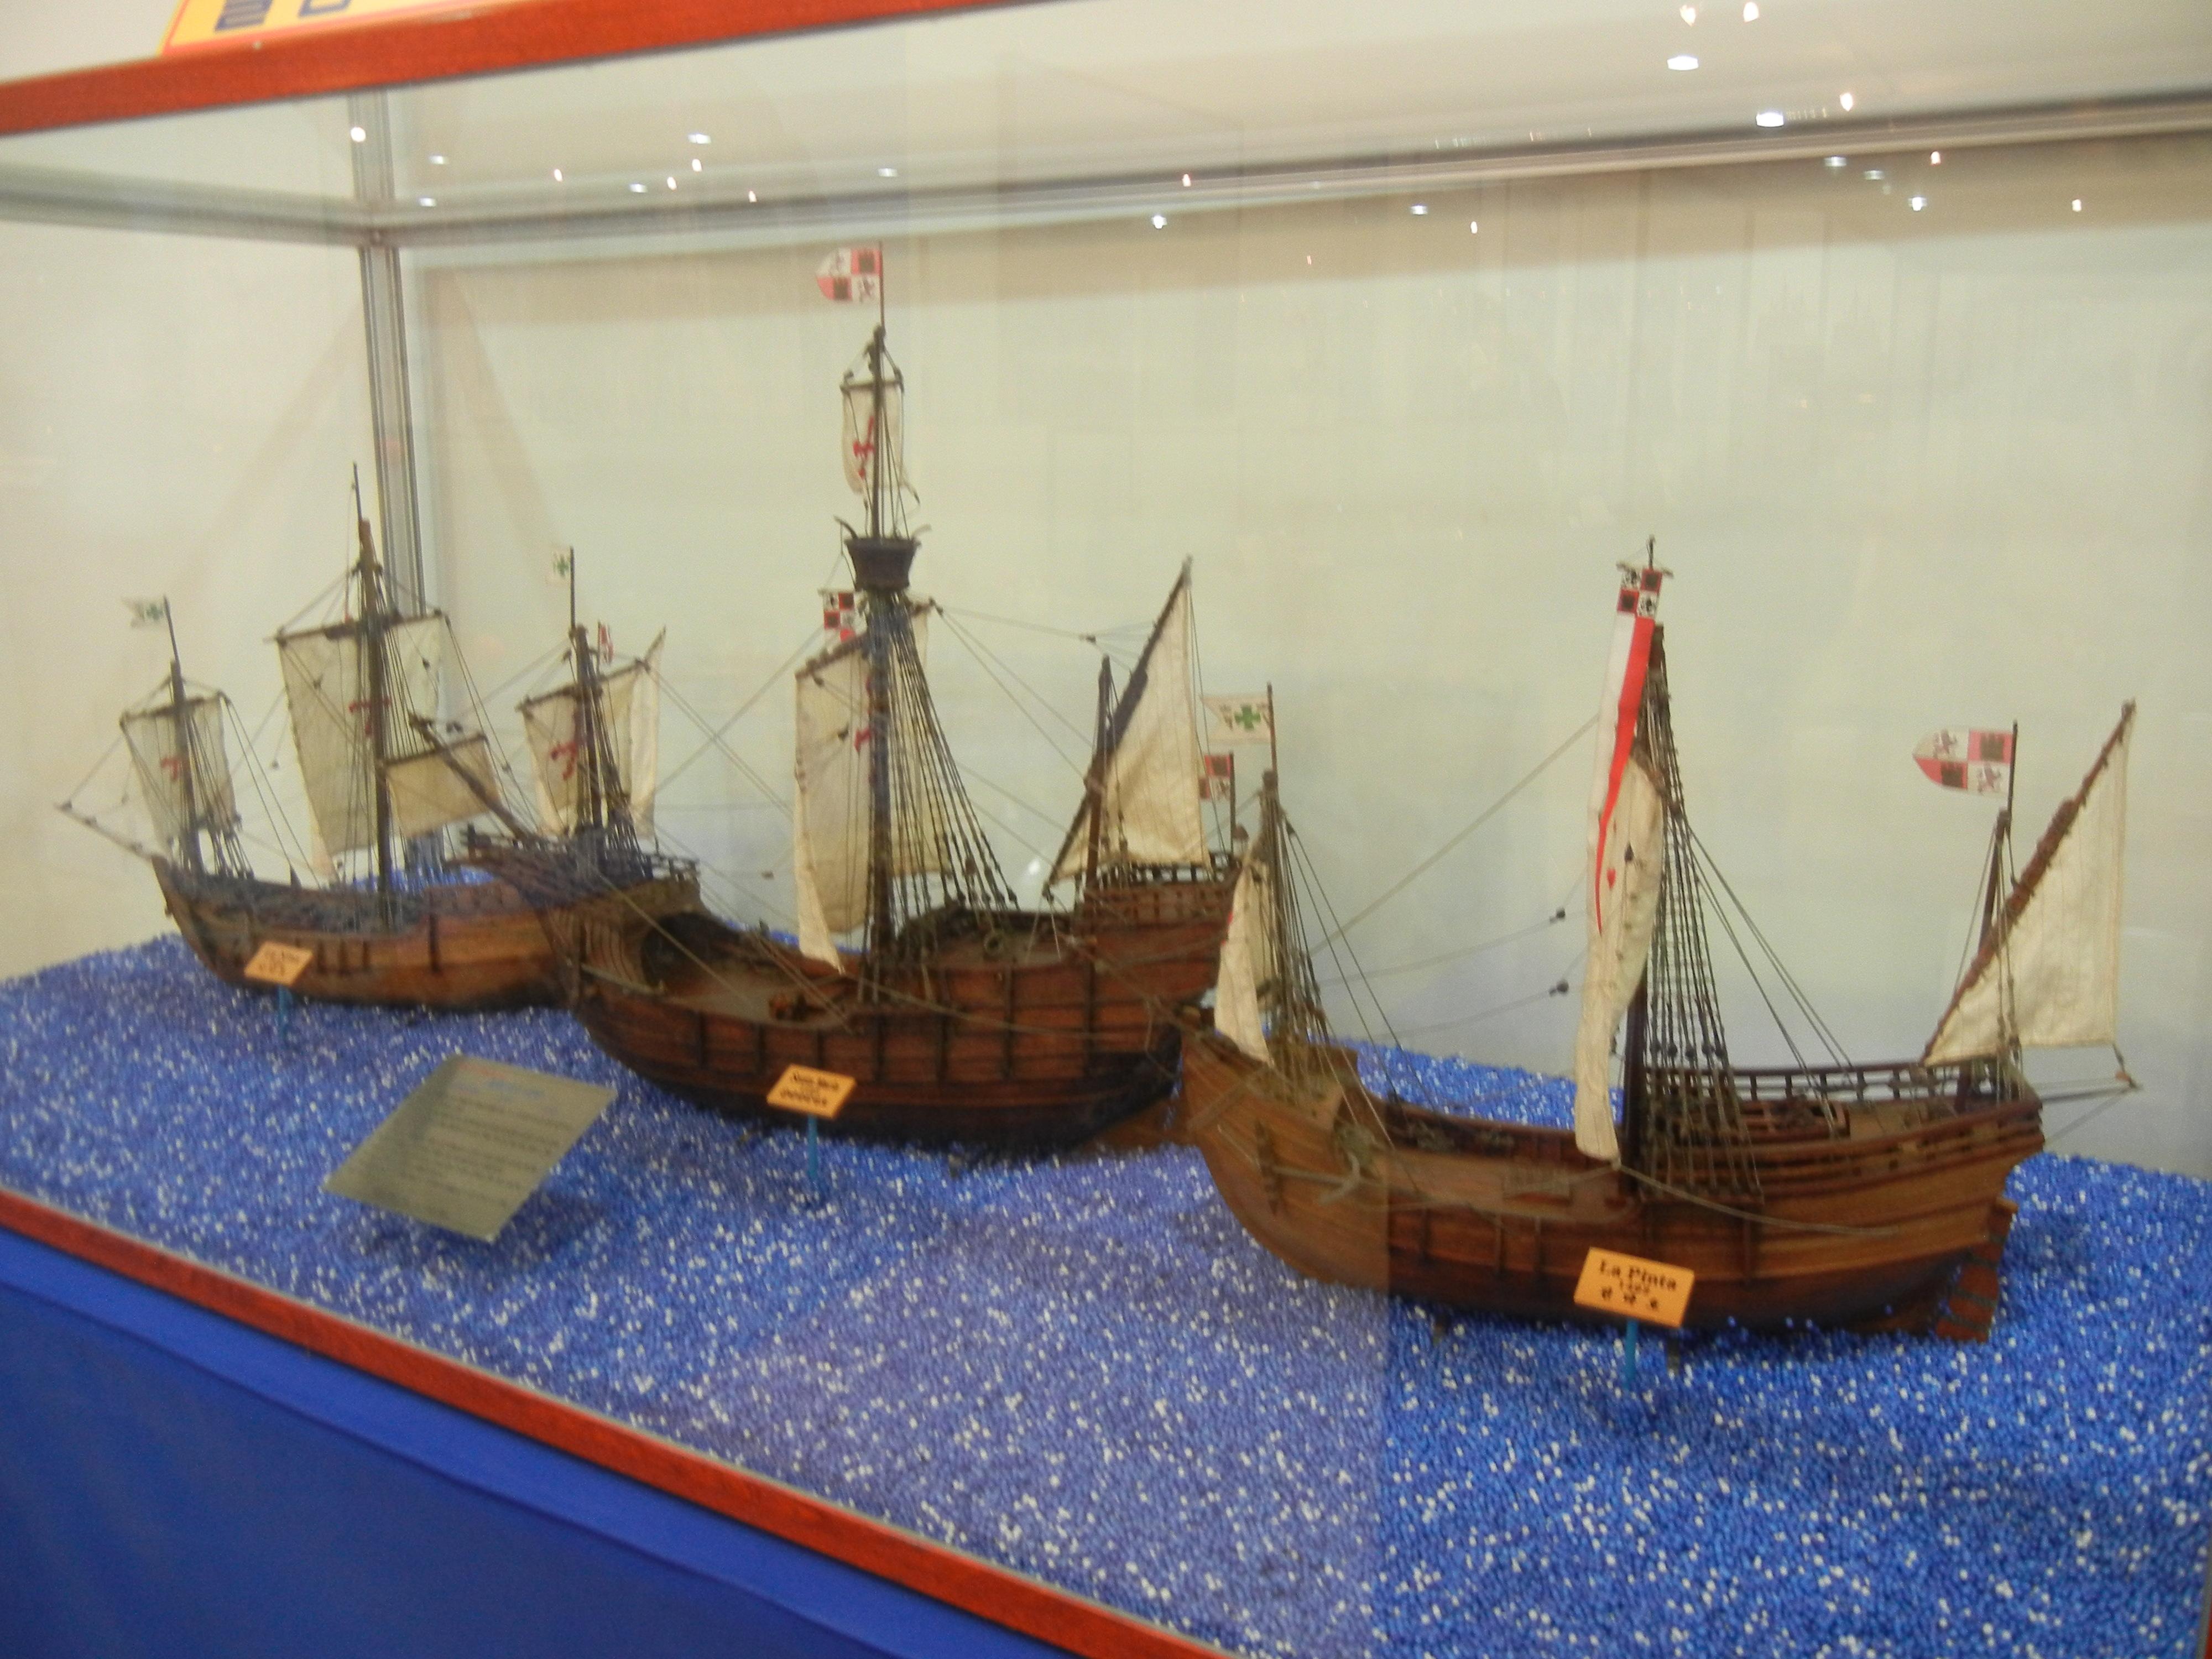 10 พิพิธภัณฑ์เกาหลีที่ไม่ควรพลาด -พิพิธภัณฑ์เรือนานาชาติ